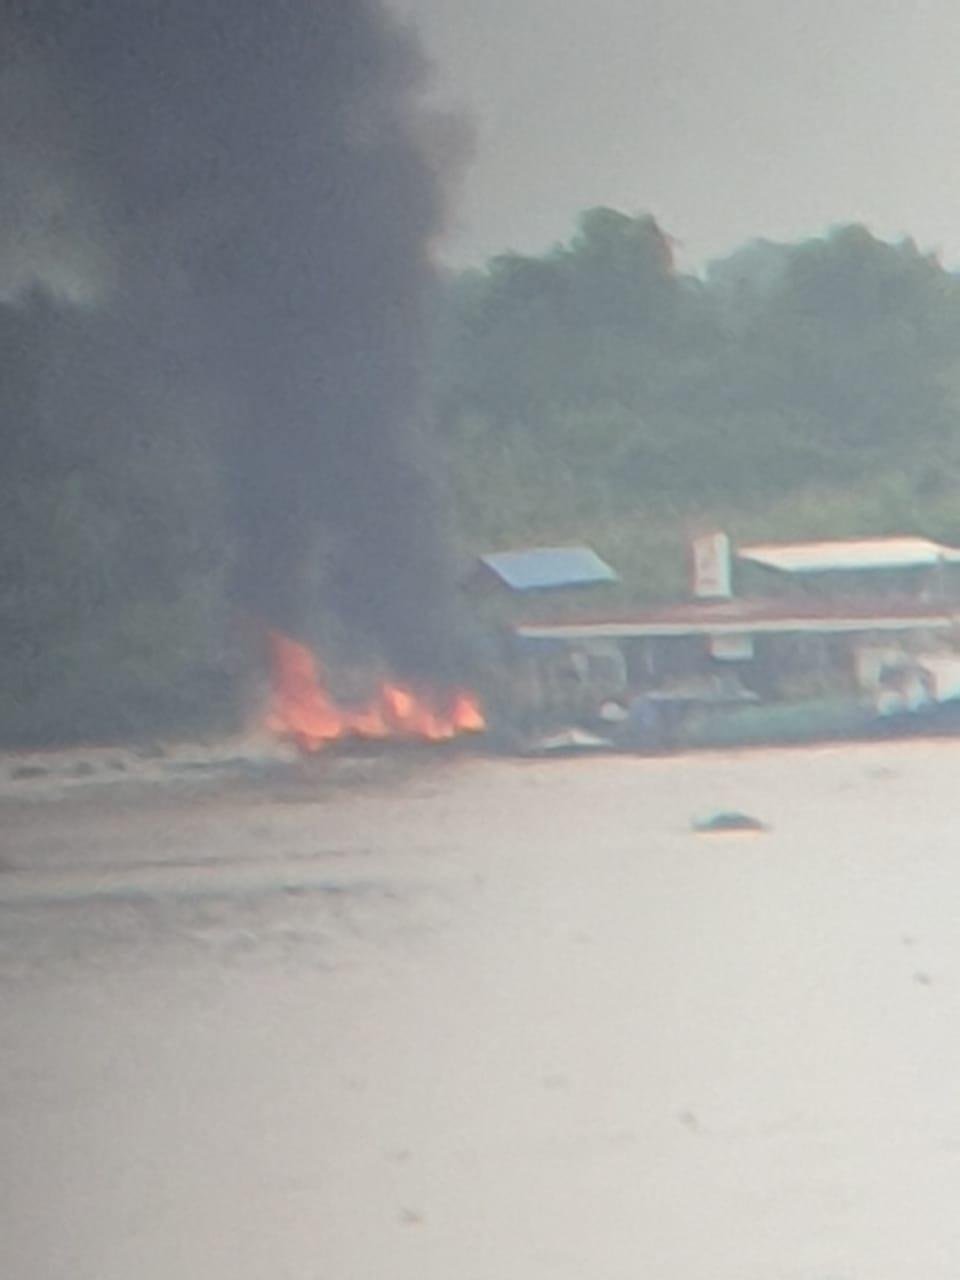 Pompong Lagi Ngisi BBM Terbakar di Seberang Tembilahan, Kerugian Capai 70 Juta